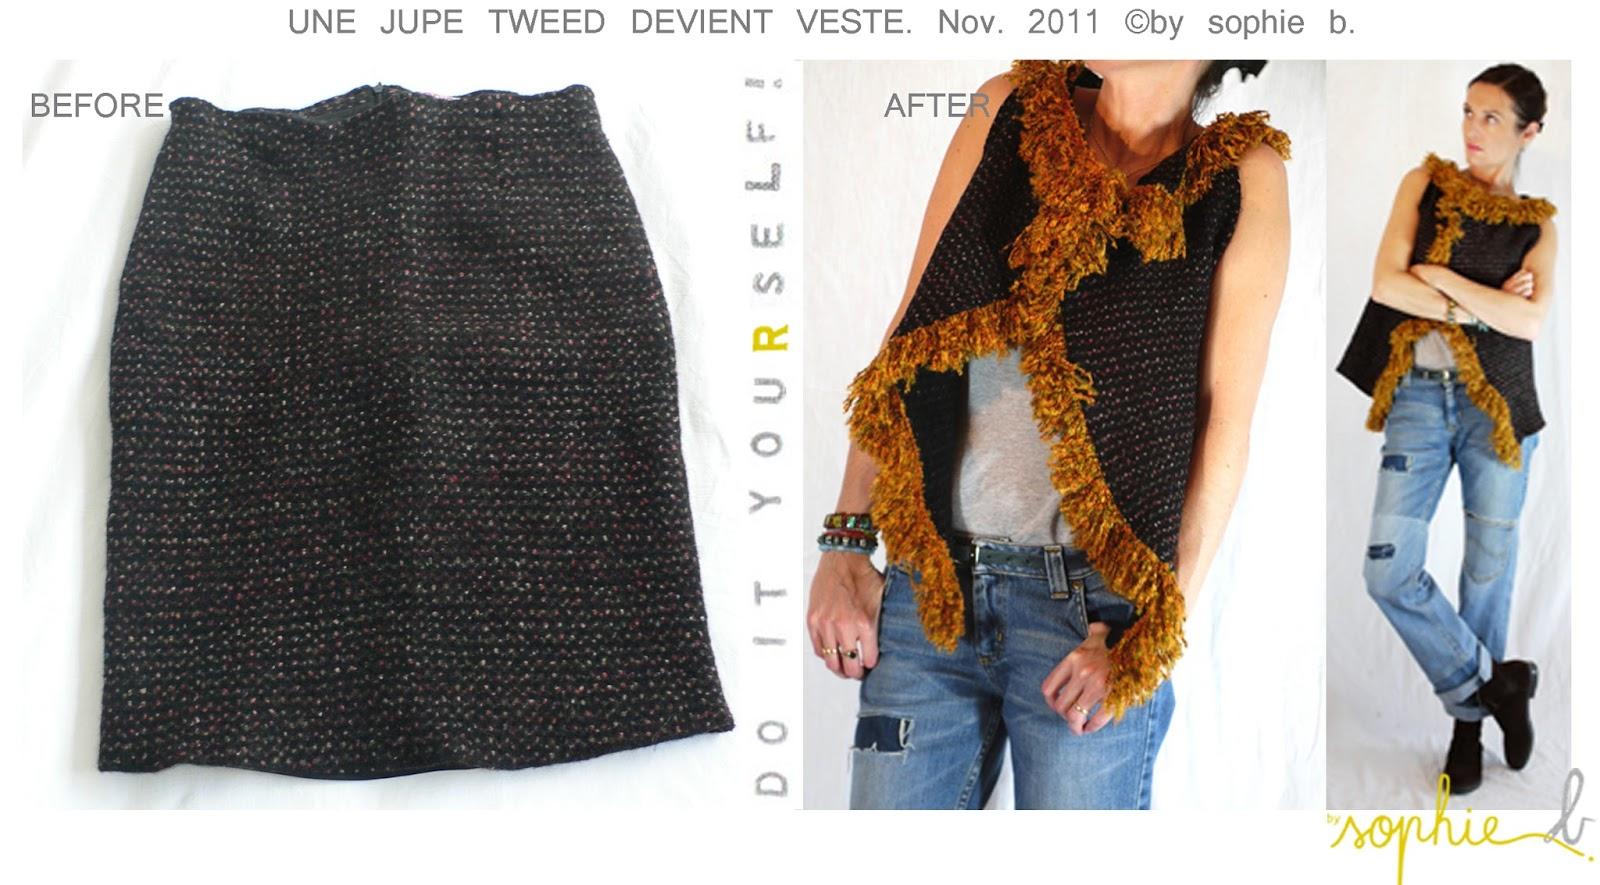 eeaad14b559b a  A la base, une jolie petite jupe droite, en laine bouillie légèrement  chinée et épaisse, doublée, se fermant par zip au dos.